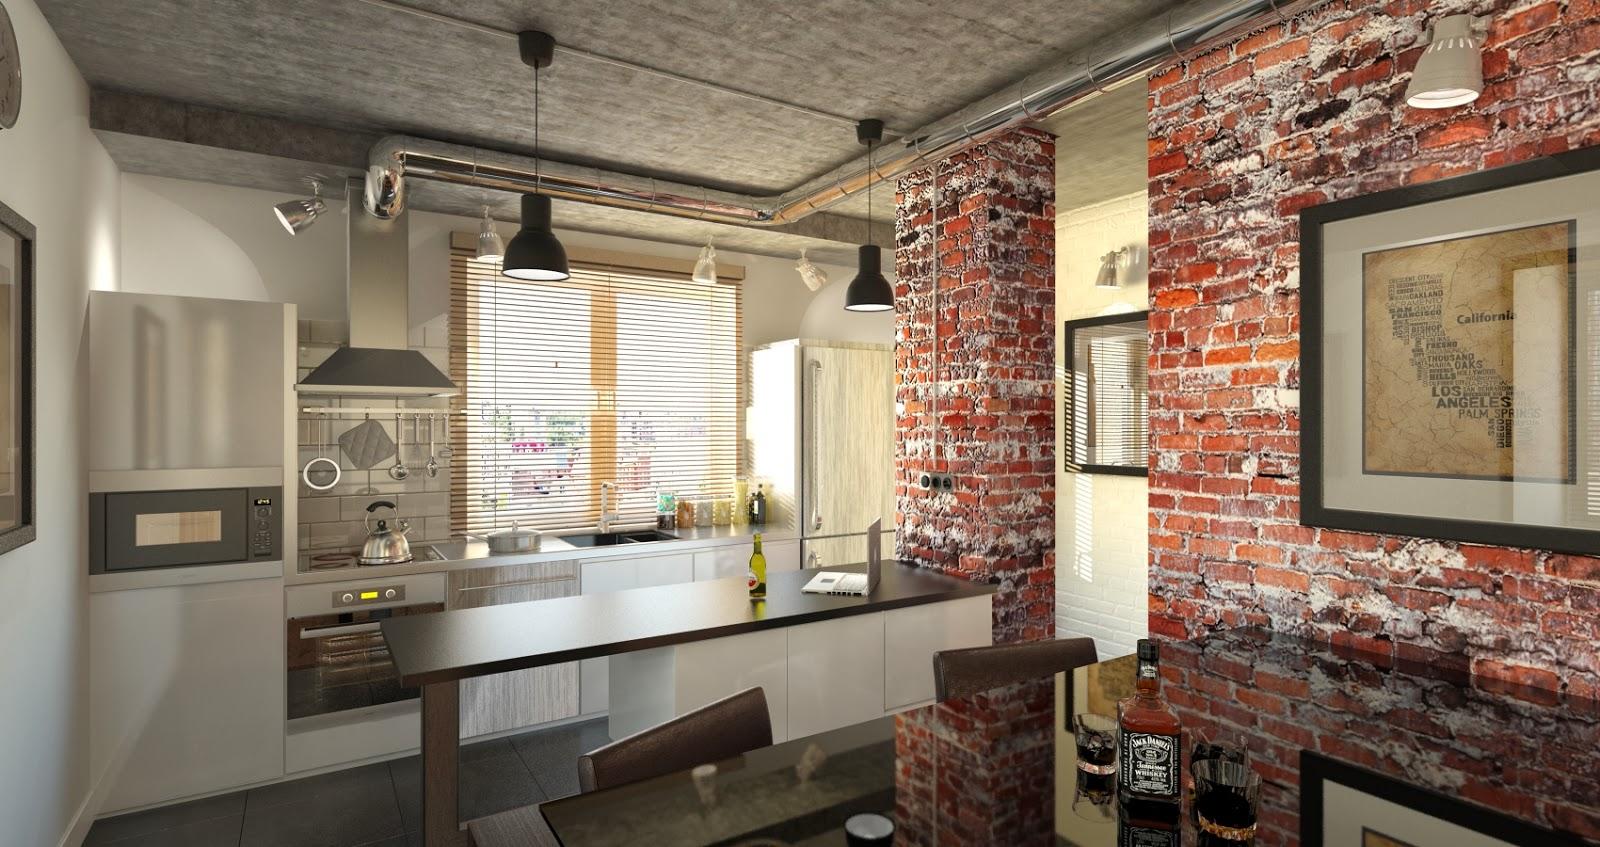 Кирпичные стены, обилие металлических предметов, грубо обработанное деревянное покрытие – все это стиль лофт